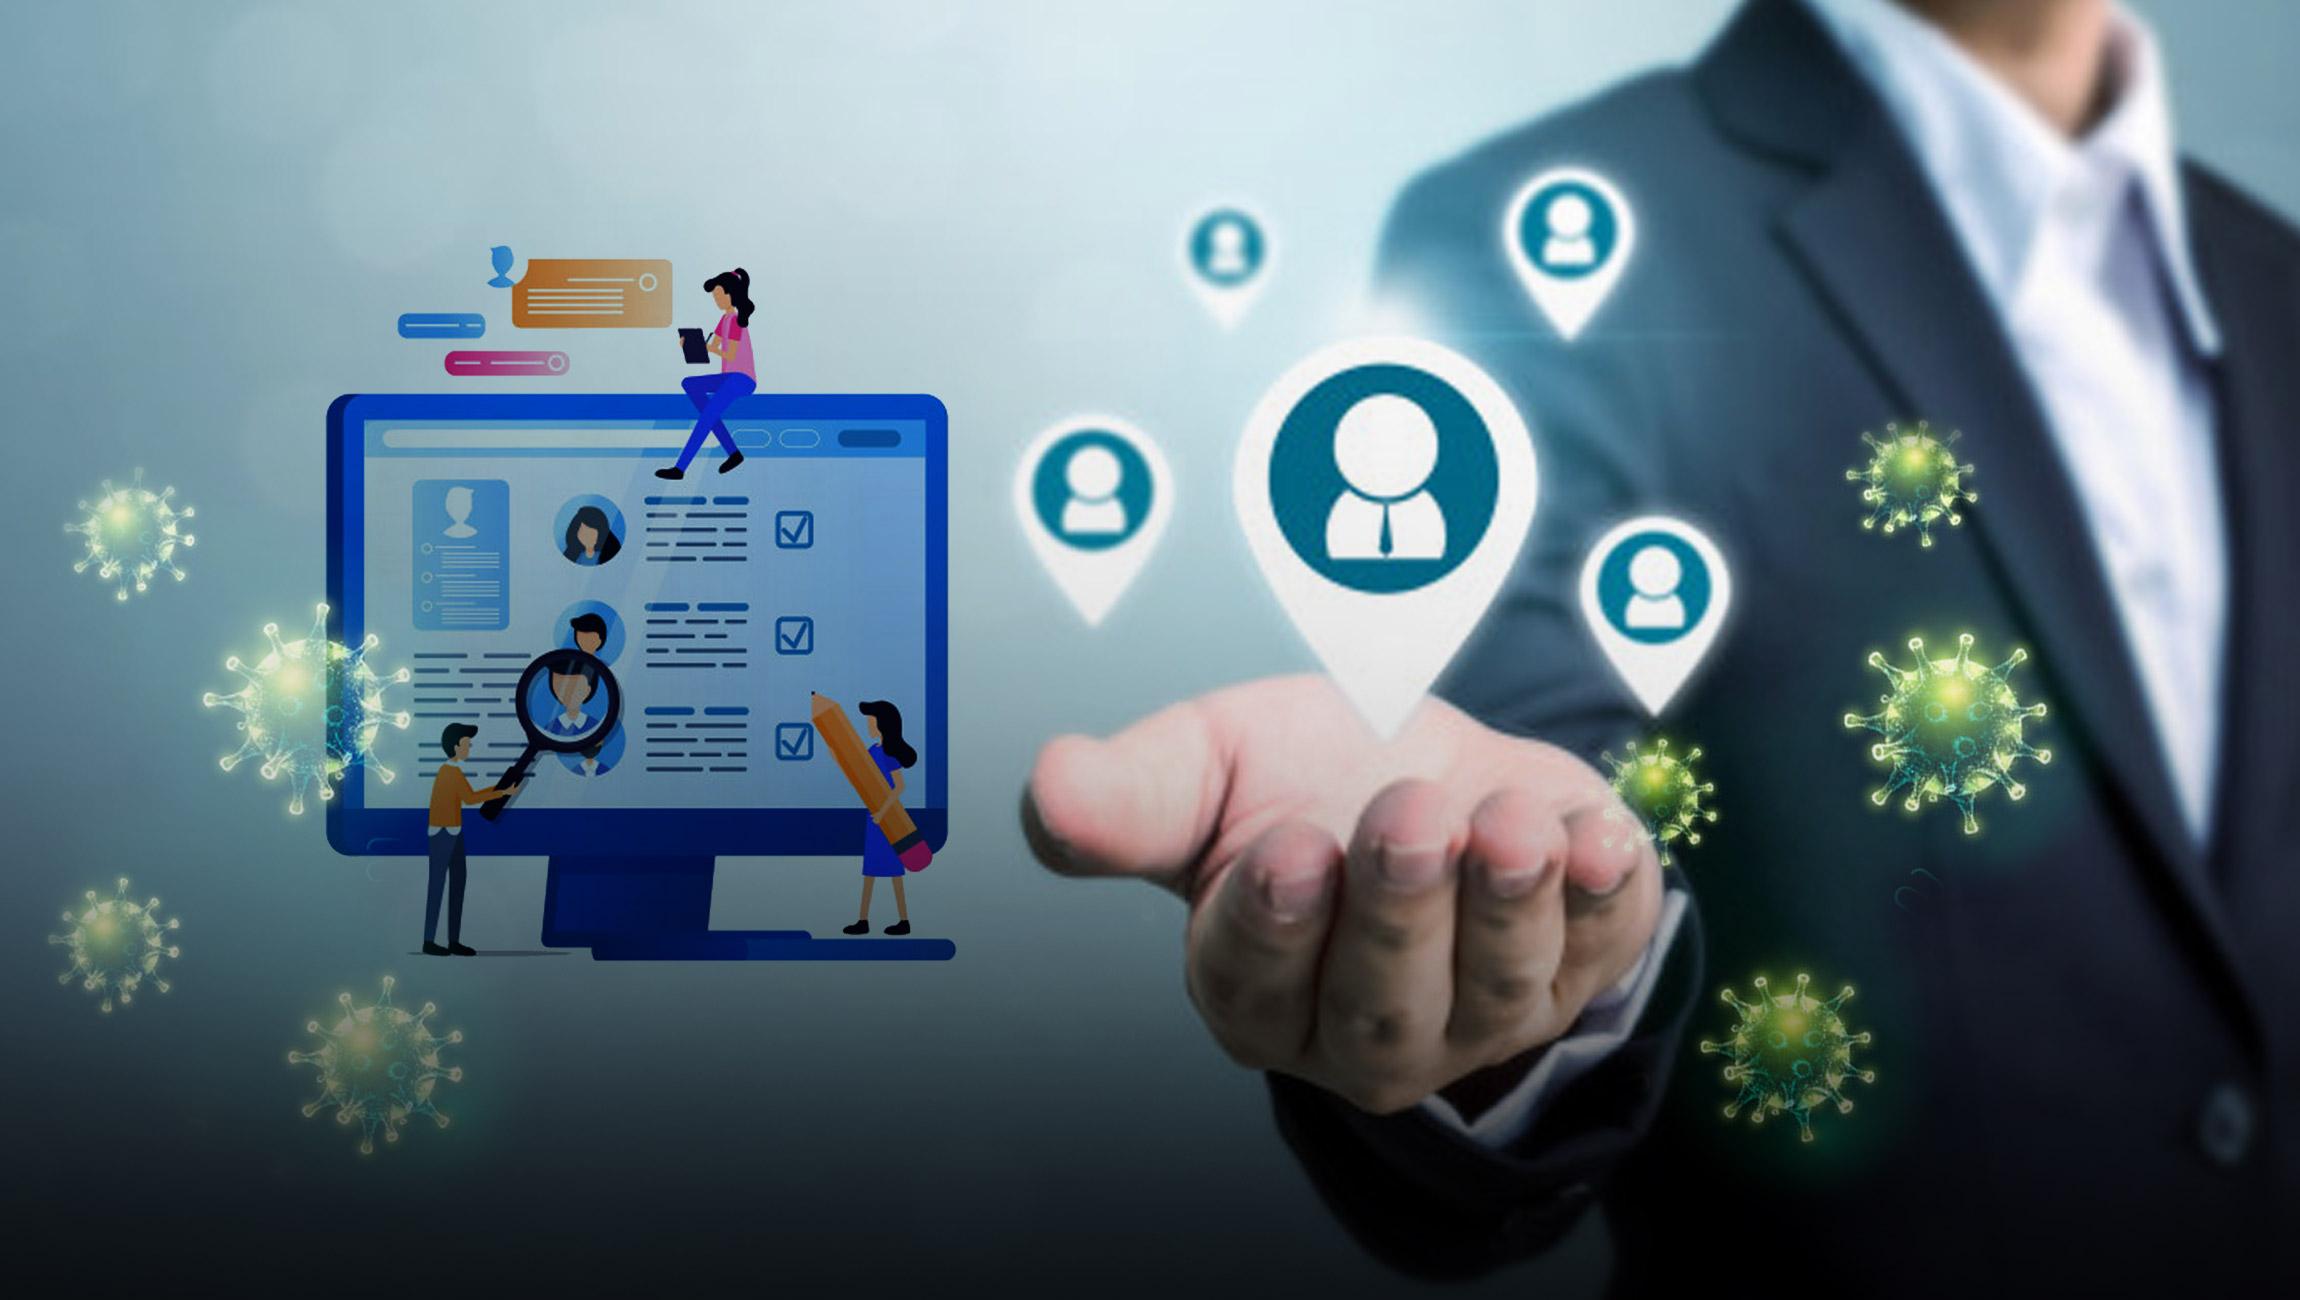 世界的大流行の際に考慮すべきトップの人的資本管理(HCM)ソフトウェアツール-TecHR